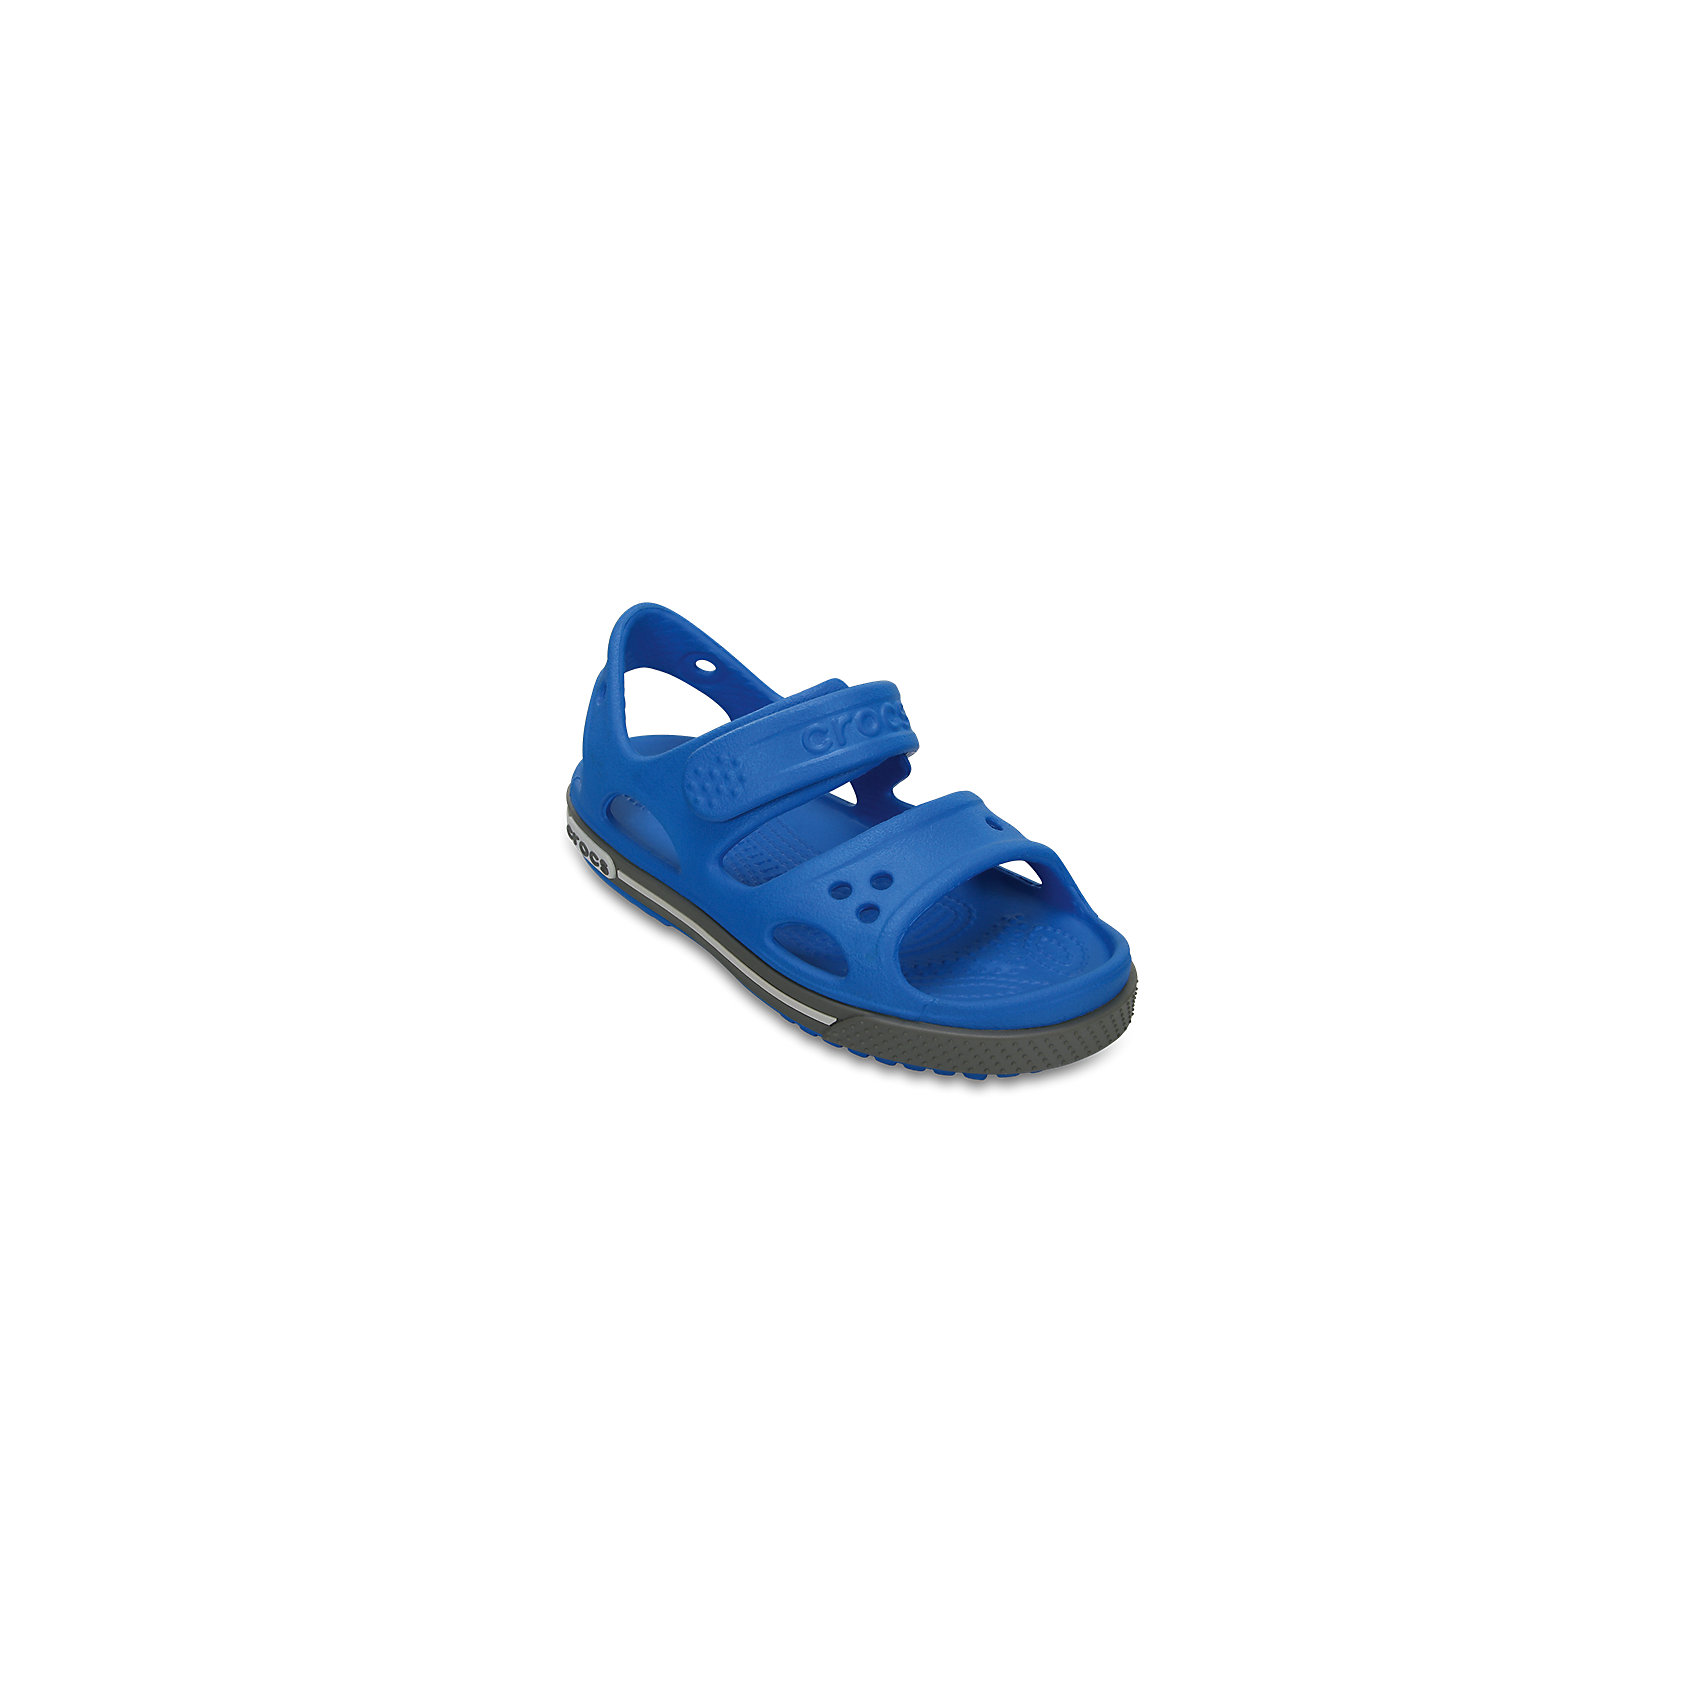 Сандалии для мальчика Kids' Crocband™ II Sandal CROCSПляжная обувь<br>Характеристики товара:<br><br>• цвет: синий<br>• сезон: лето<br>• материал: 100% полимер Croslite™<br>• бактериостатичный материал<br>• ремешок фиксирует стопу<br>• антискользящая устойчивая подошва<br>• липучка<br>• анатомическая стелька с массажными точками<br>• страна бренда: США<br>• страна изготовитель: Китай<br><br>Для правильного развития ребенка крайне важно, чтобы обувь была удобной.<br><br>Такие сандалии обеспечивают детям необходимый комфорт, а анатомическая стелька с массажными линиями для стимуляции кровообращения позволяет ножкам дольше не уставать. <br><br>Сандалии легко надеваются и снимаются, отлично сидят на ноге. <br><br>Материал, из которого они сделаны, не дает размножаться бактериям, поэтому такая обувь препятствует образованию неприятного запаха и появлению болезней стоп. <br><br>Обувь от американского бренда Crocs в данный момент завоевала широкую популярность во всем мире, и это не удивительно - ведь она невероятно удобна. <br><br>Сандалии Kids' Crocband™ II Sandal от торговой марки Crocs можно купить в нашем интернет-магазине.<br><br>Ширина мм: 219<br>Глубина мм: 154<br>Высота мм: 121<br>Вес г: 343<br>Цвет: синий<br>Возраст от месяцев: 12<br>Возраст до месяцев: 15<br>Пол: Мужской<br>Возраст: Детский<br>Размер: 21,31/32,33/34,34/35,27,28,29,30,22,23,24,25,26<br>SKU: 5416619